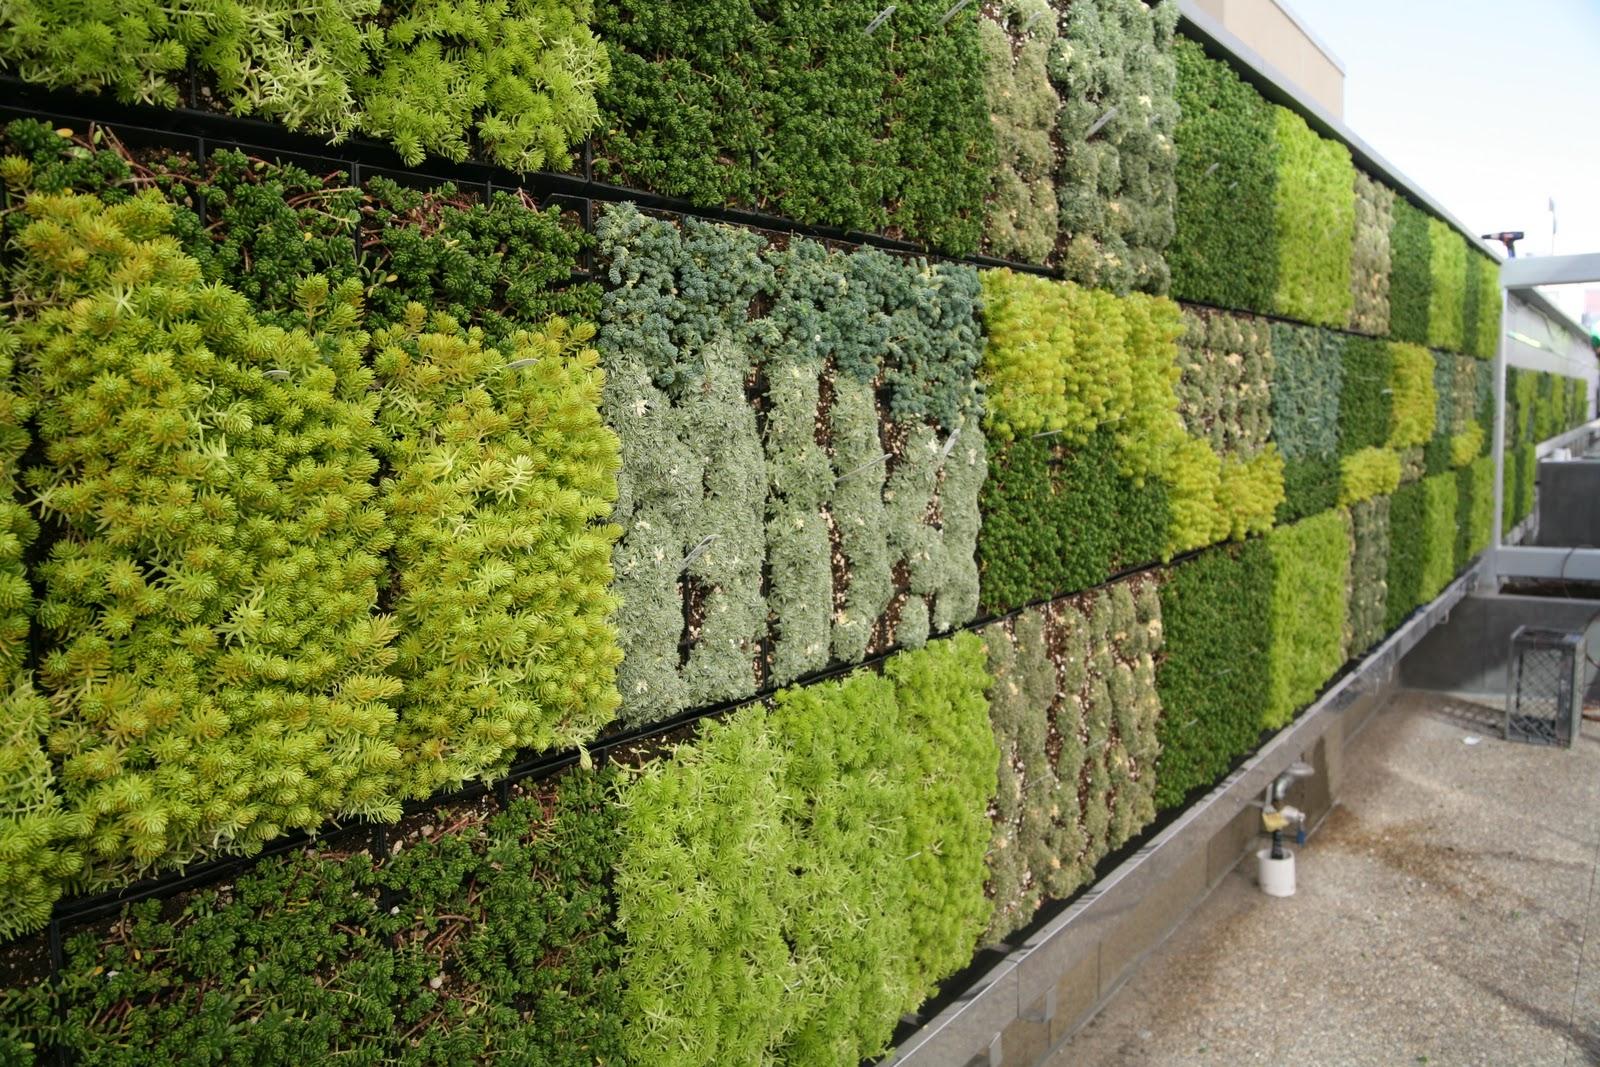 Quadros e jardins verticais de suculentas paisagismo legal for Tela para muro verde